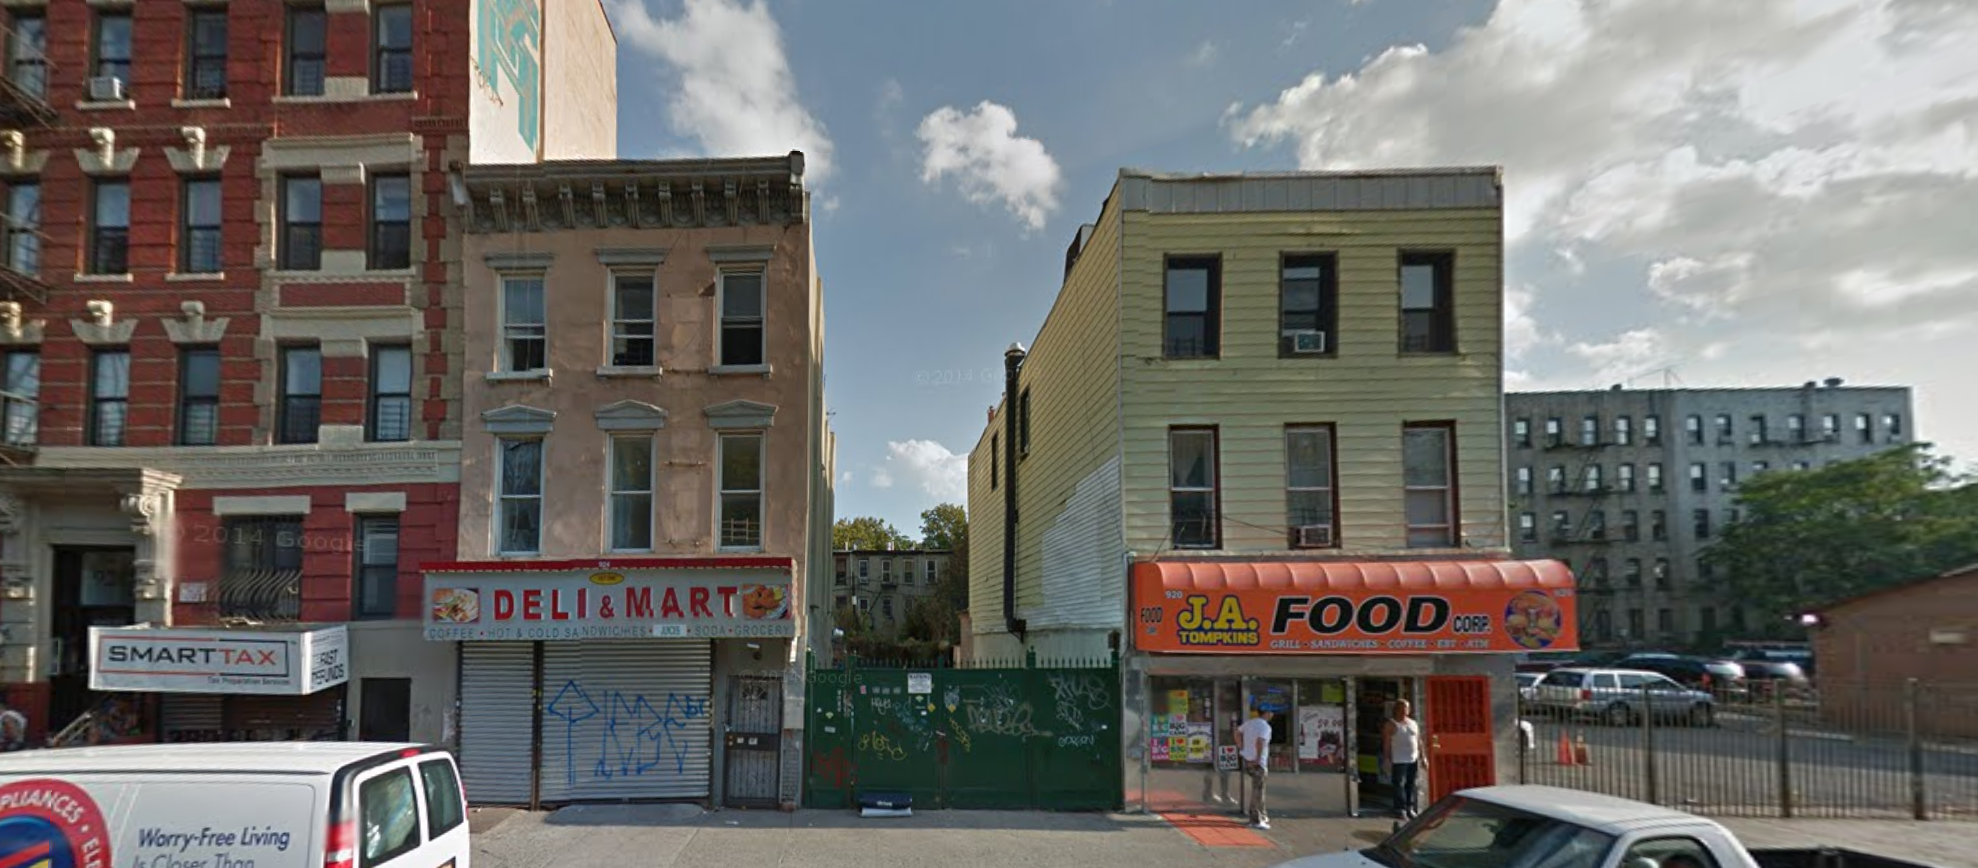 924 Myrtle Avenue, image via Google Maps